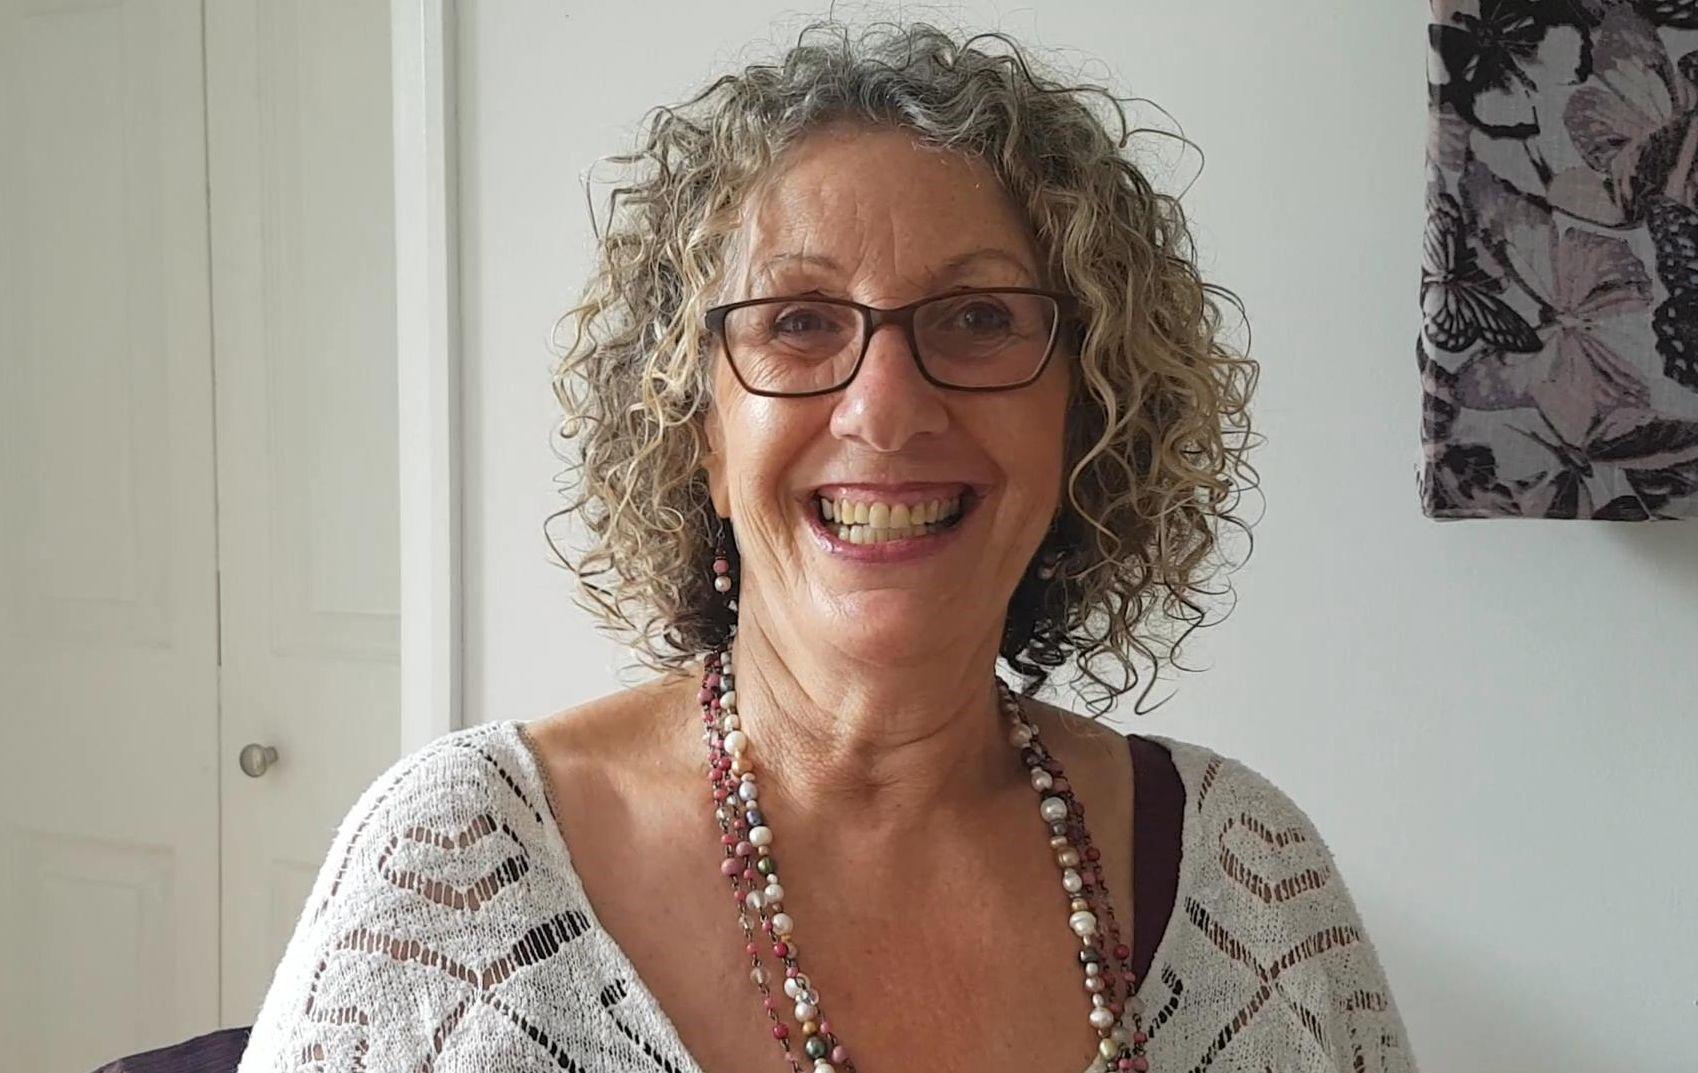 Priya Tourkow